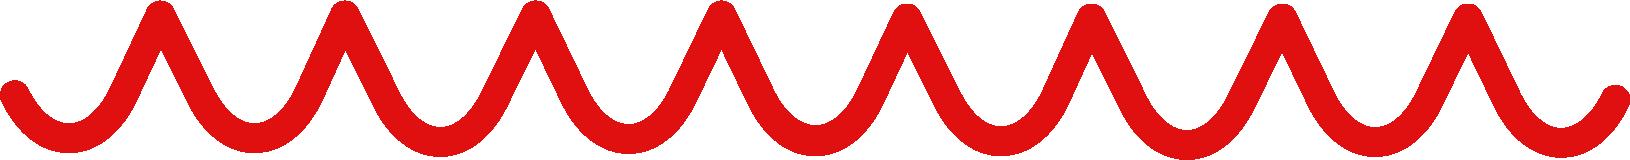 wave-img